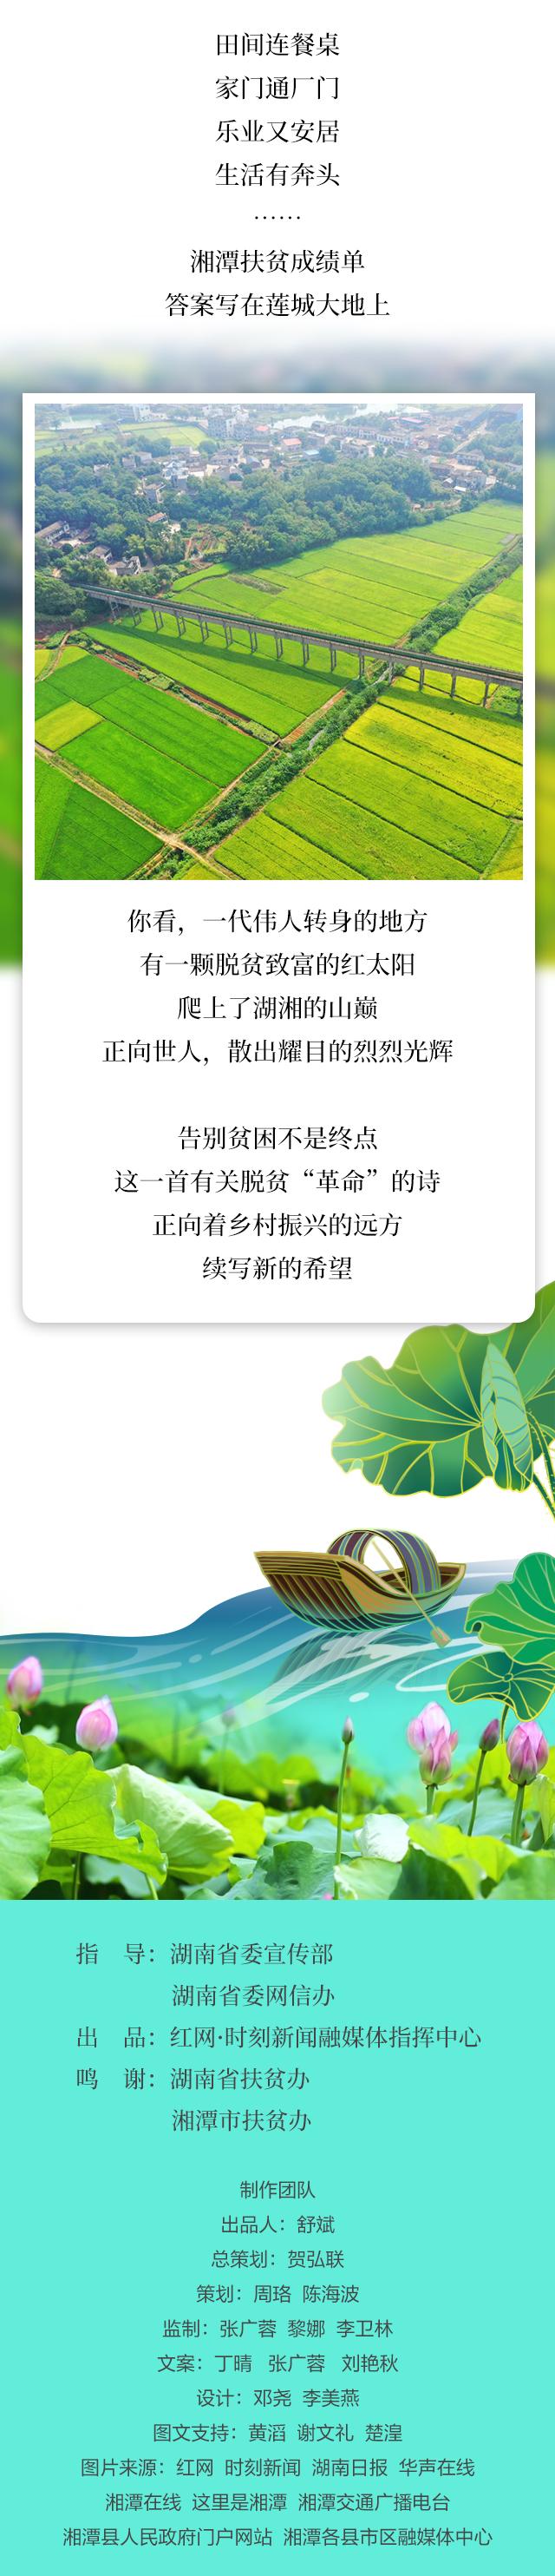 湘潭长图第四部分_06.jpg